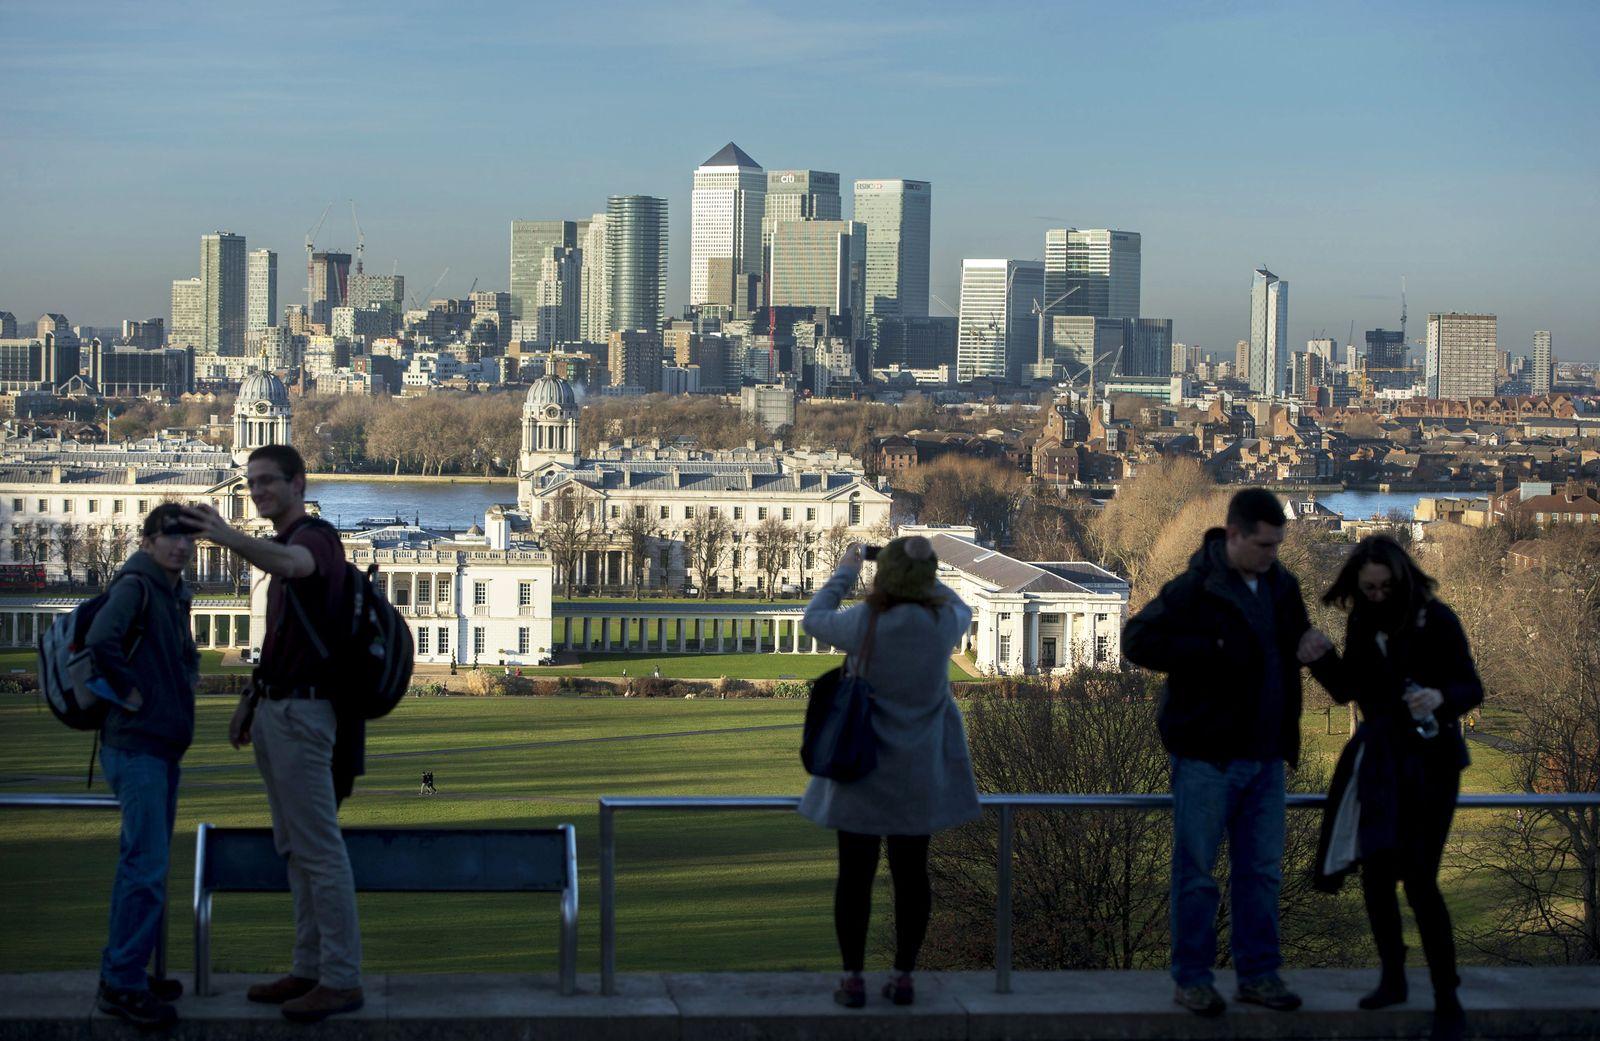 London Banken / Konjunktur / Banken-Viertel / Wirtschaft / England / Canary Wharf Bank Skyline